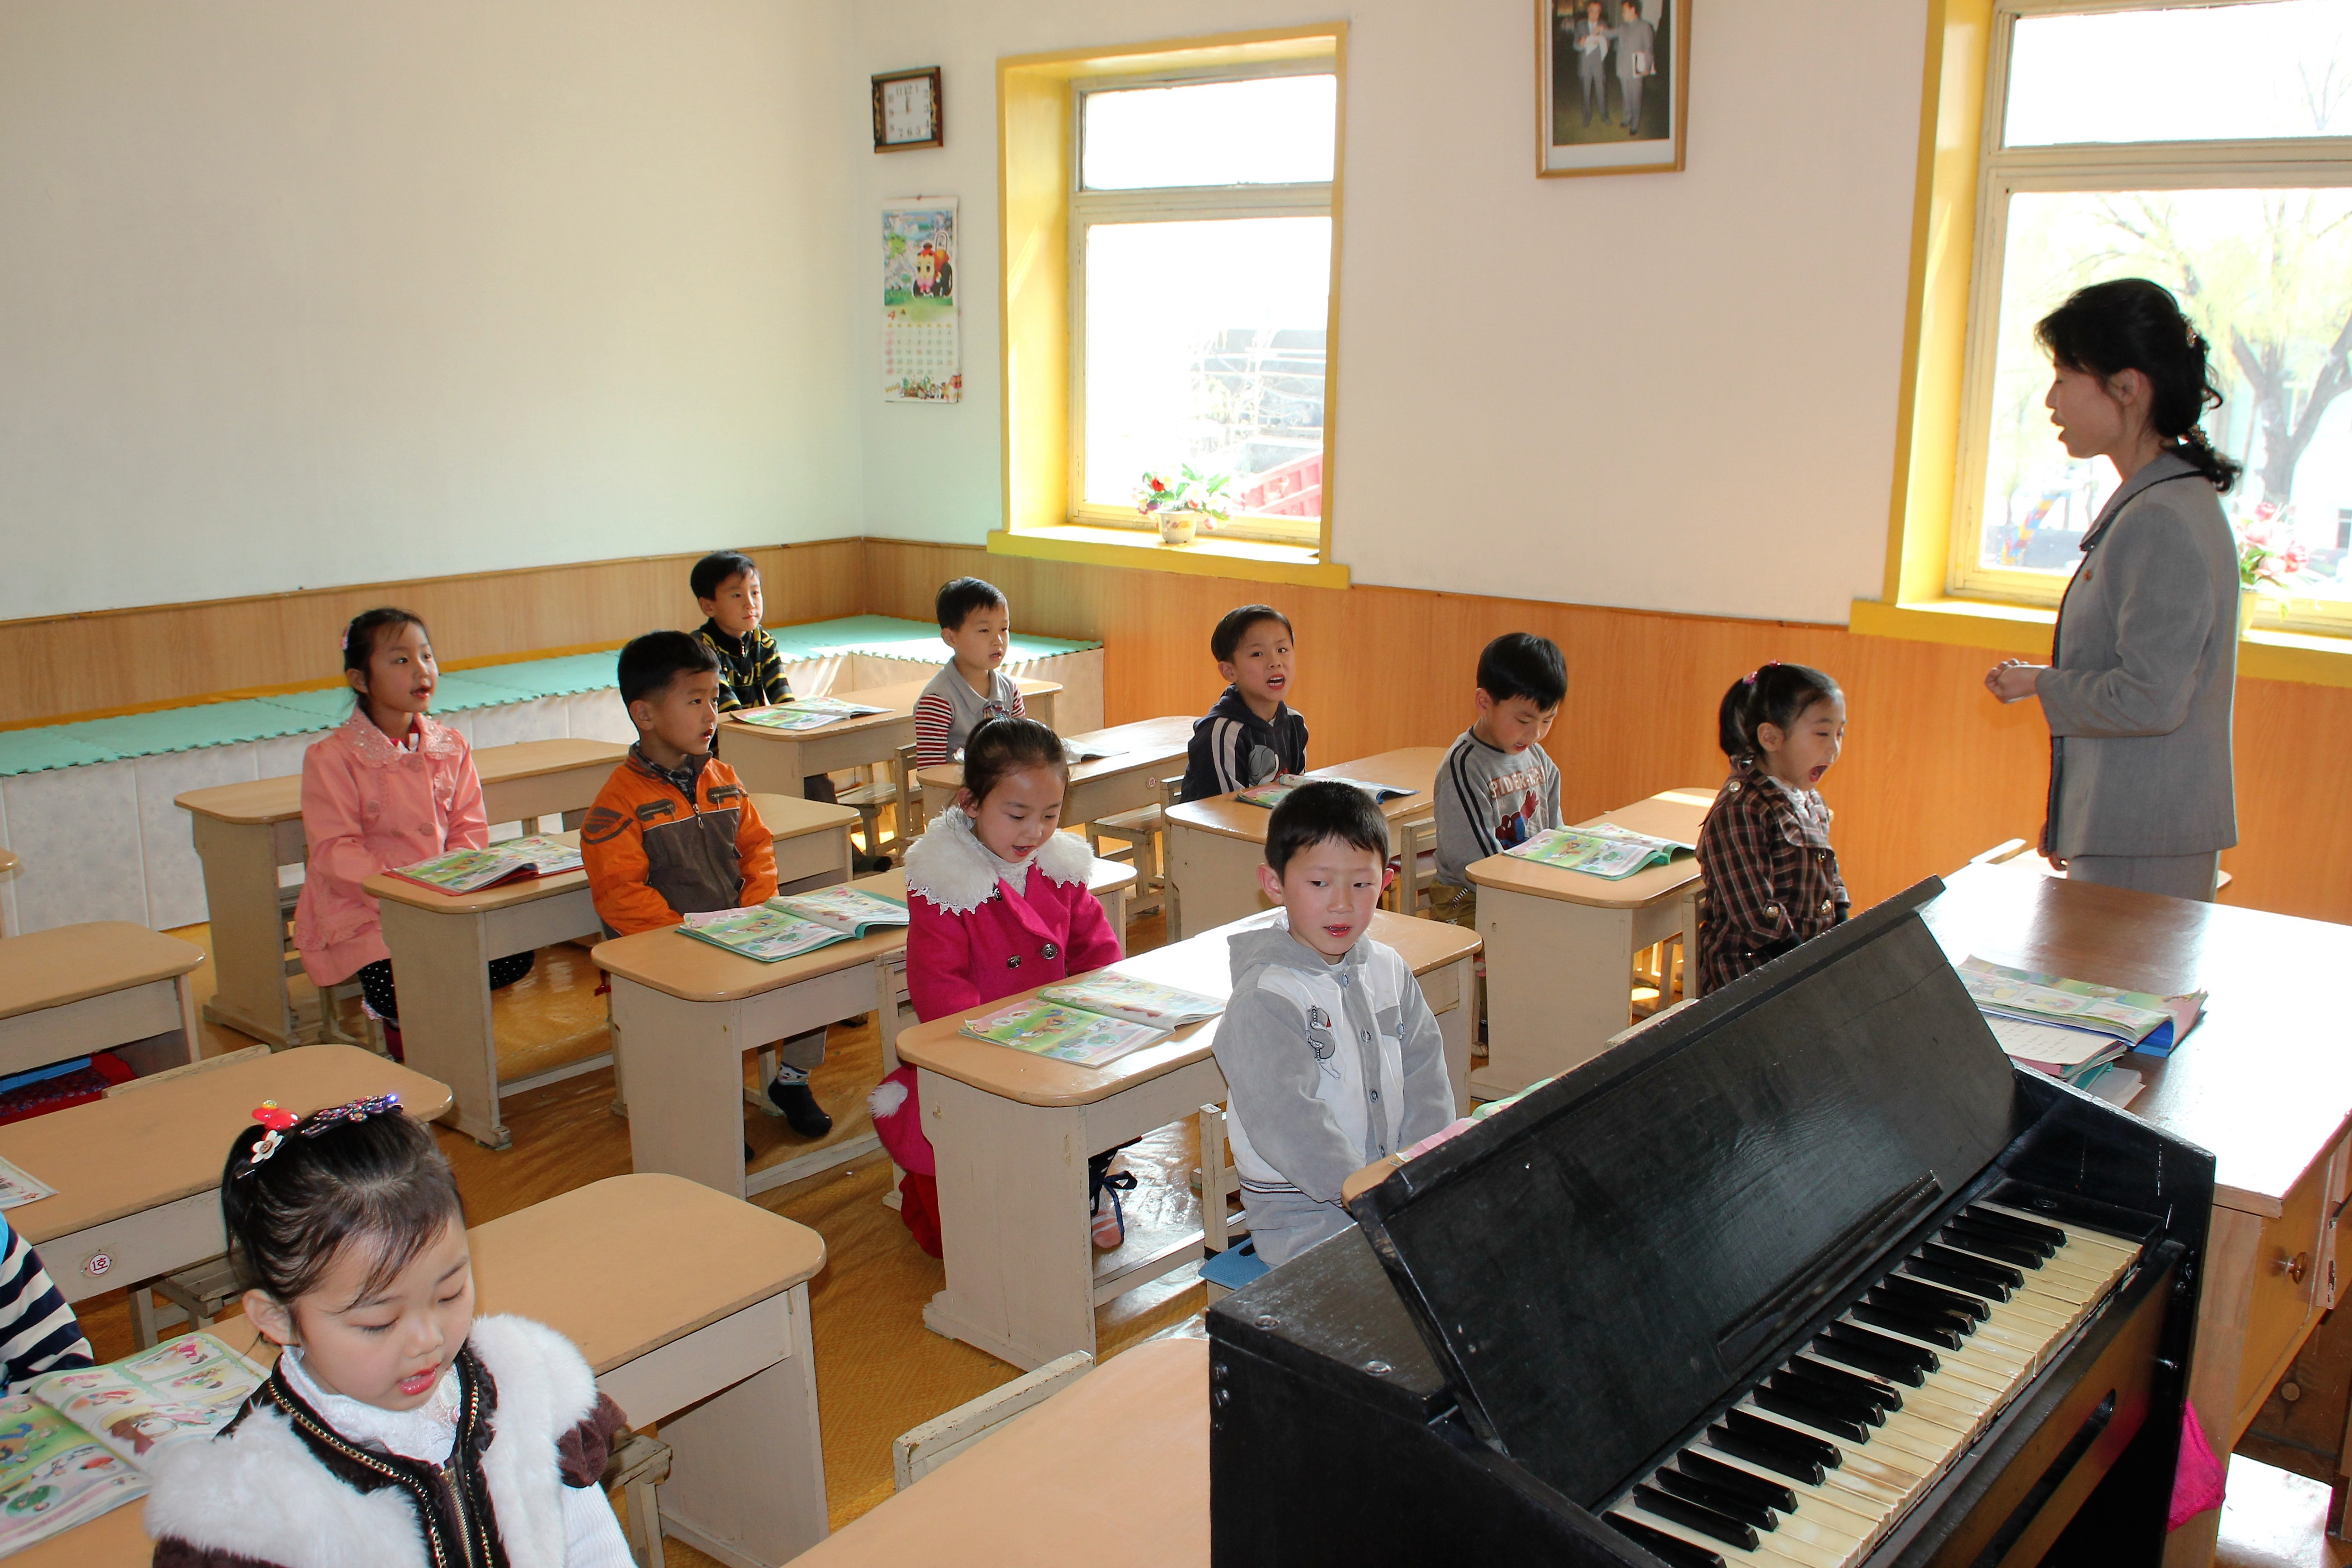 Северная Корея. Средняя школа